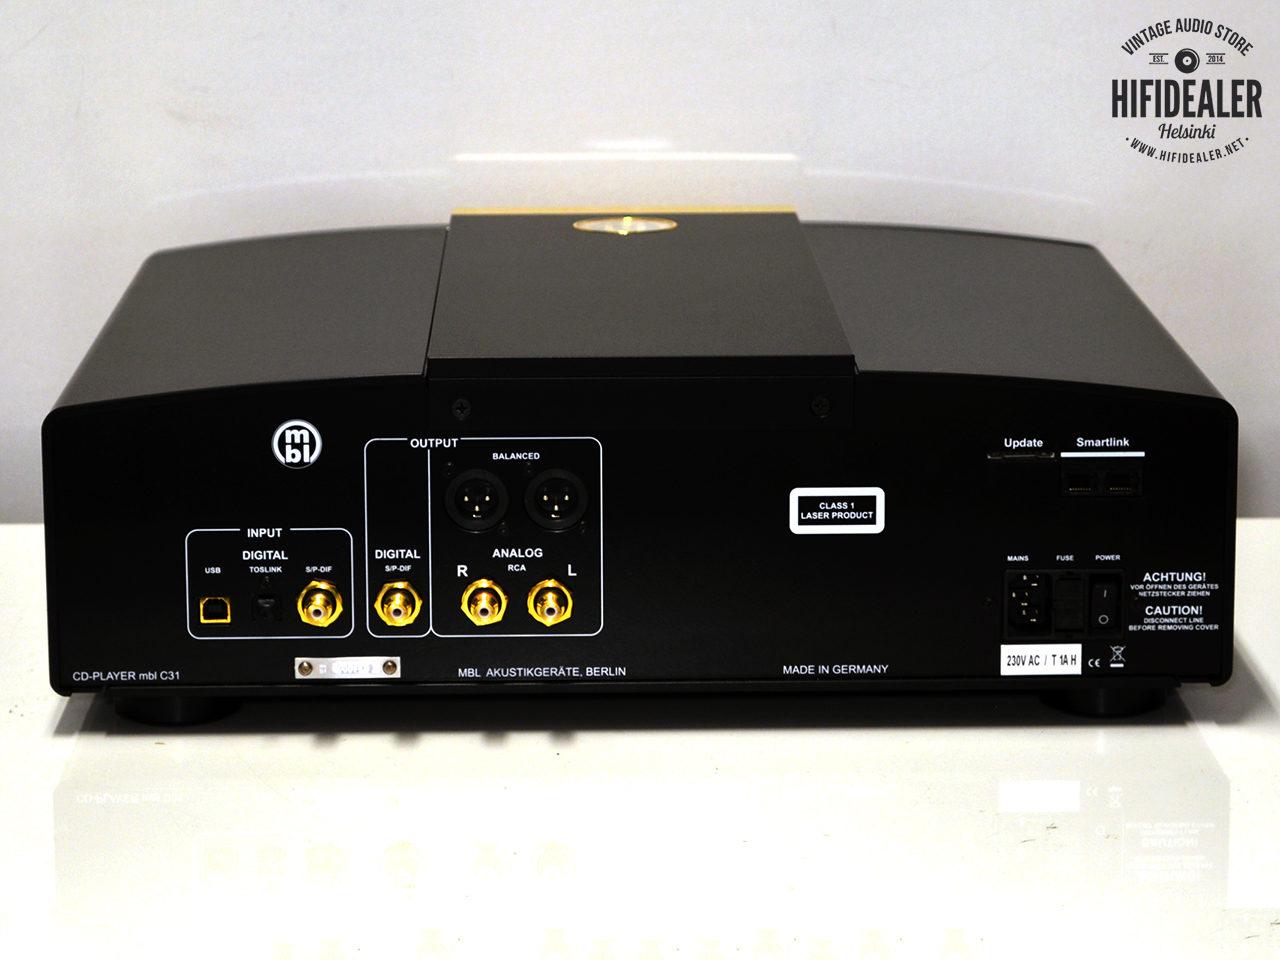 mbl-c31-4